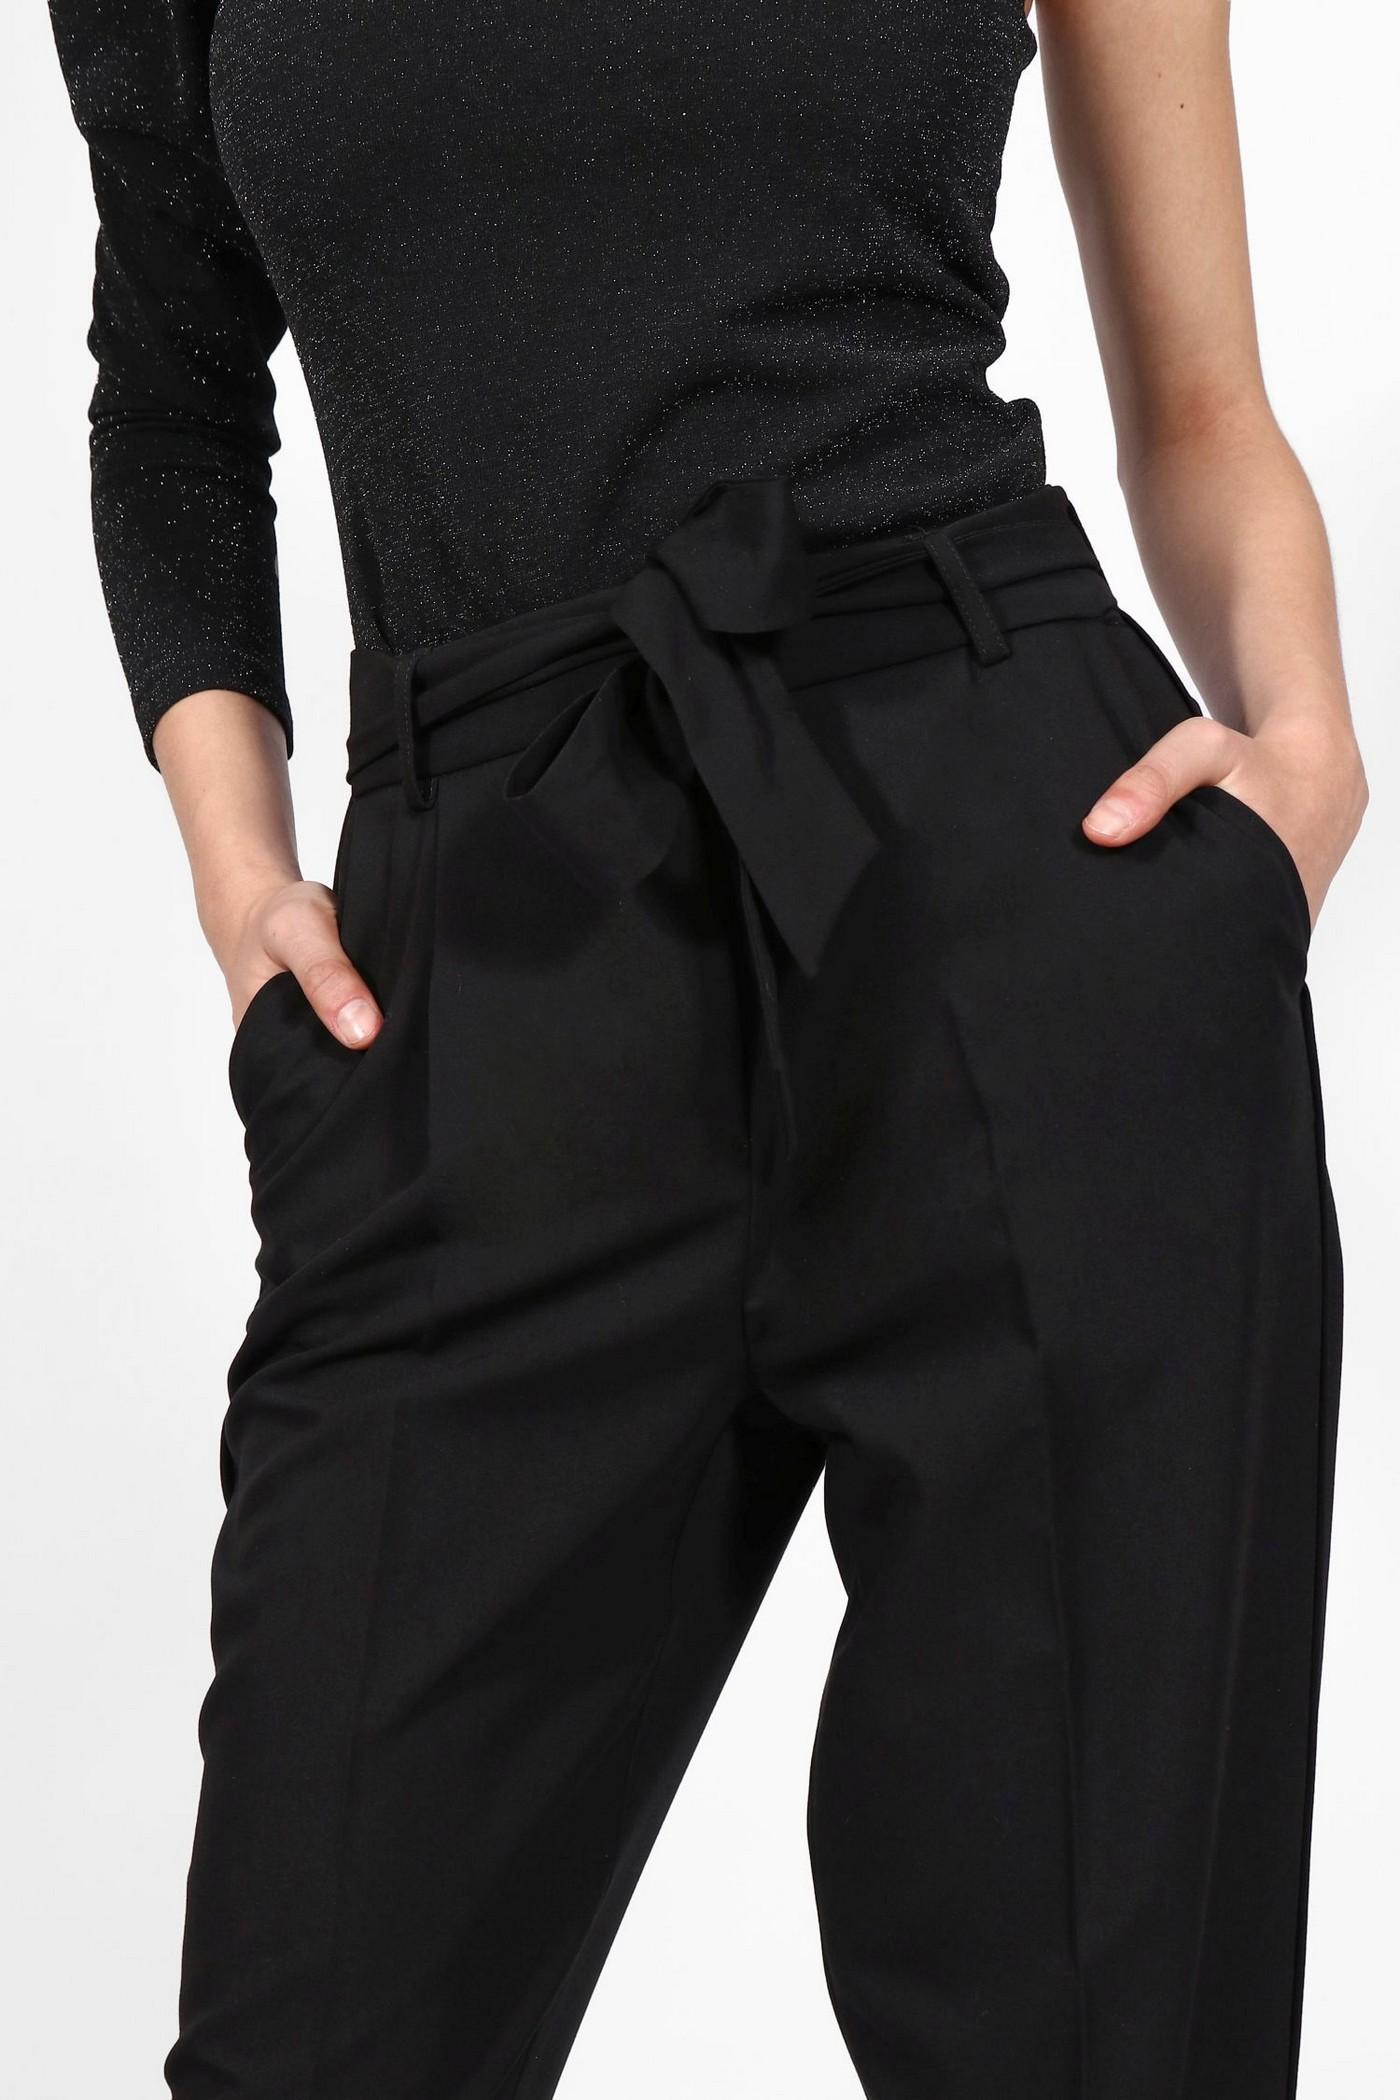 Чёрные брюки с бантом на поясе Imperial